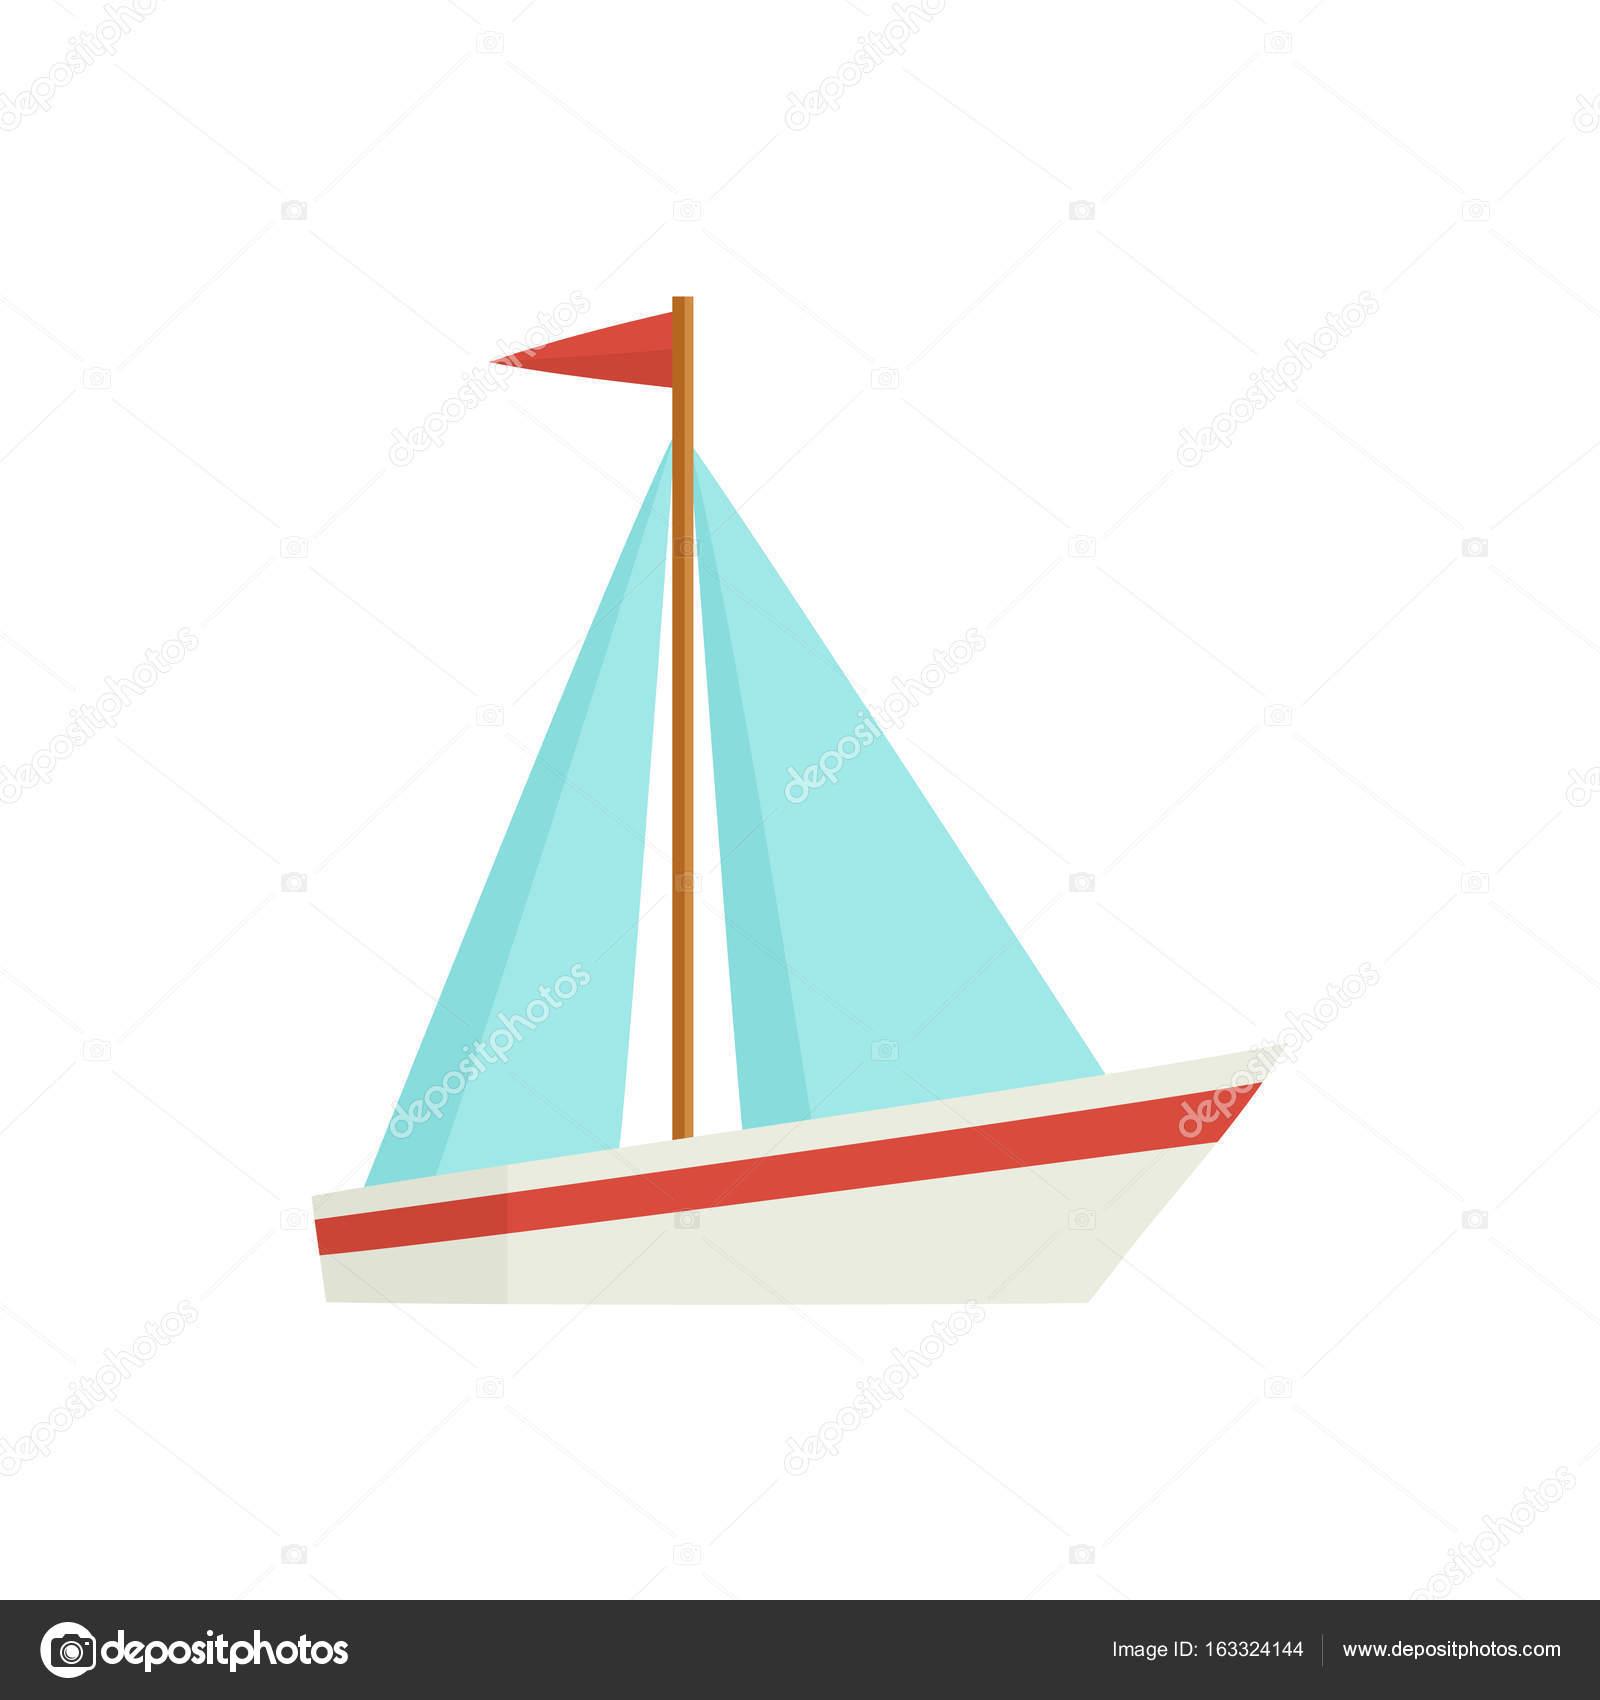 Plat de dessin anim petit voilier bateau voilier image vectorielle sabelskaya 163324144 - Dessin petit bateau ...